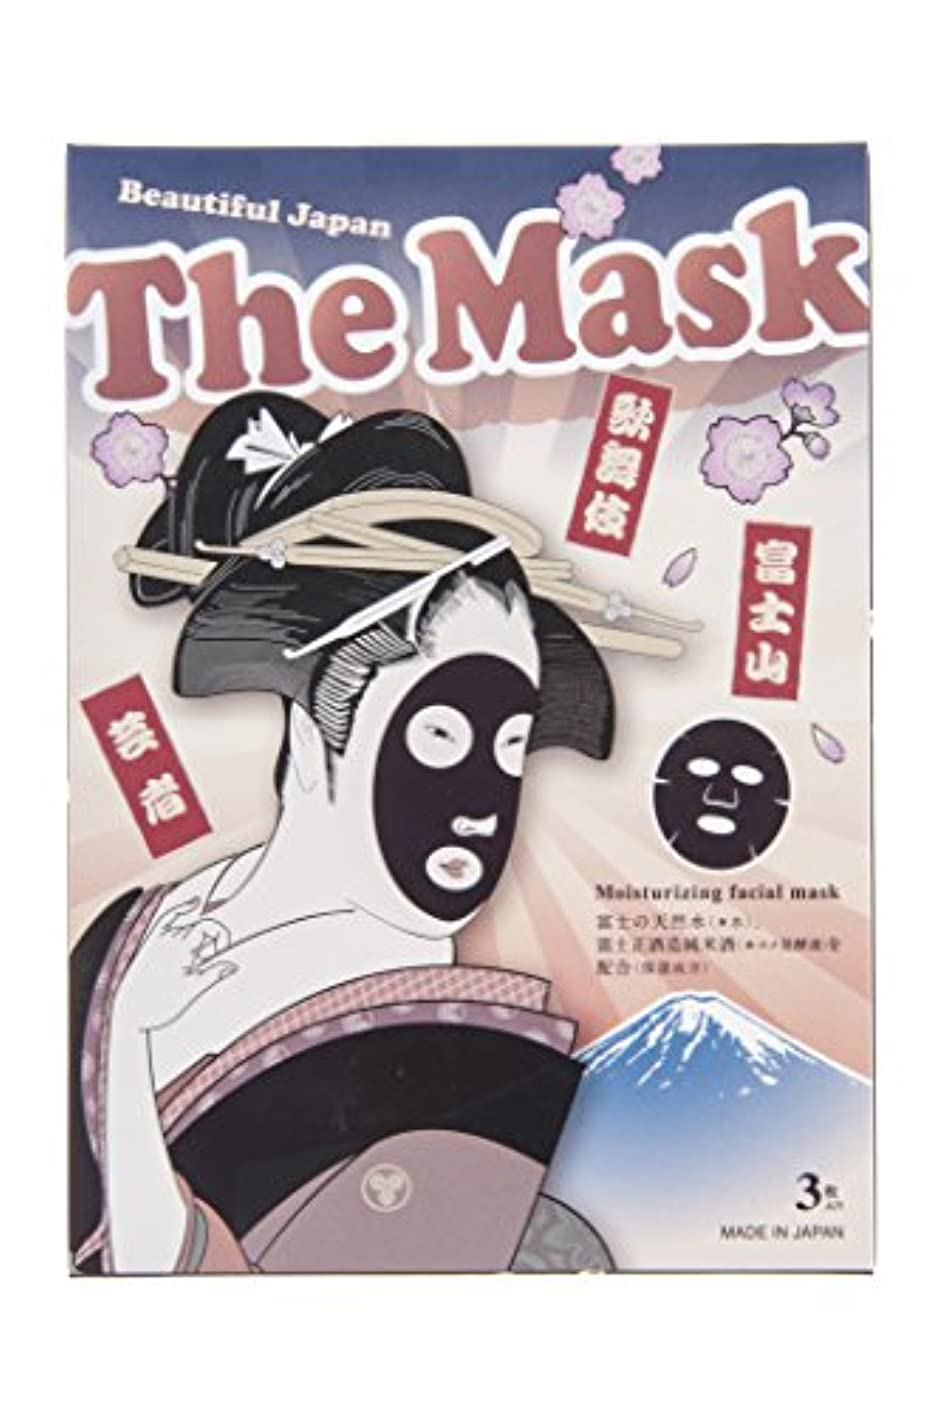 文新年雇用者富士山フェイシャルマスク